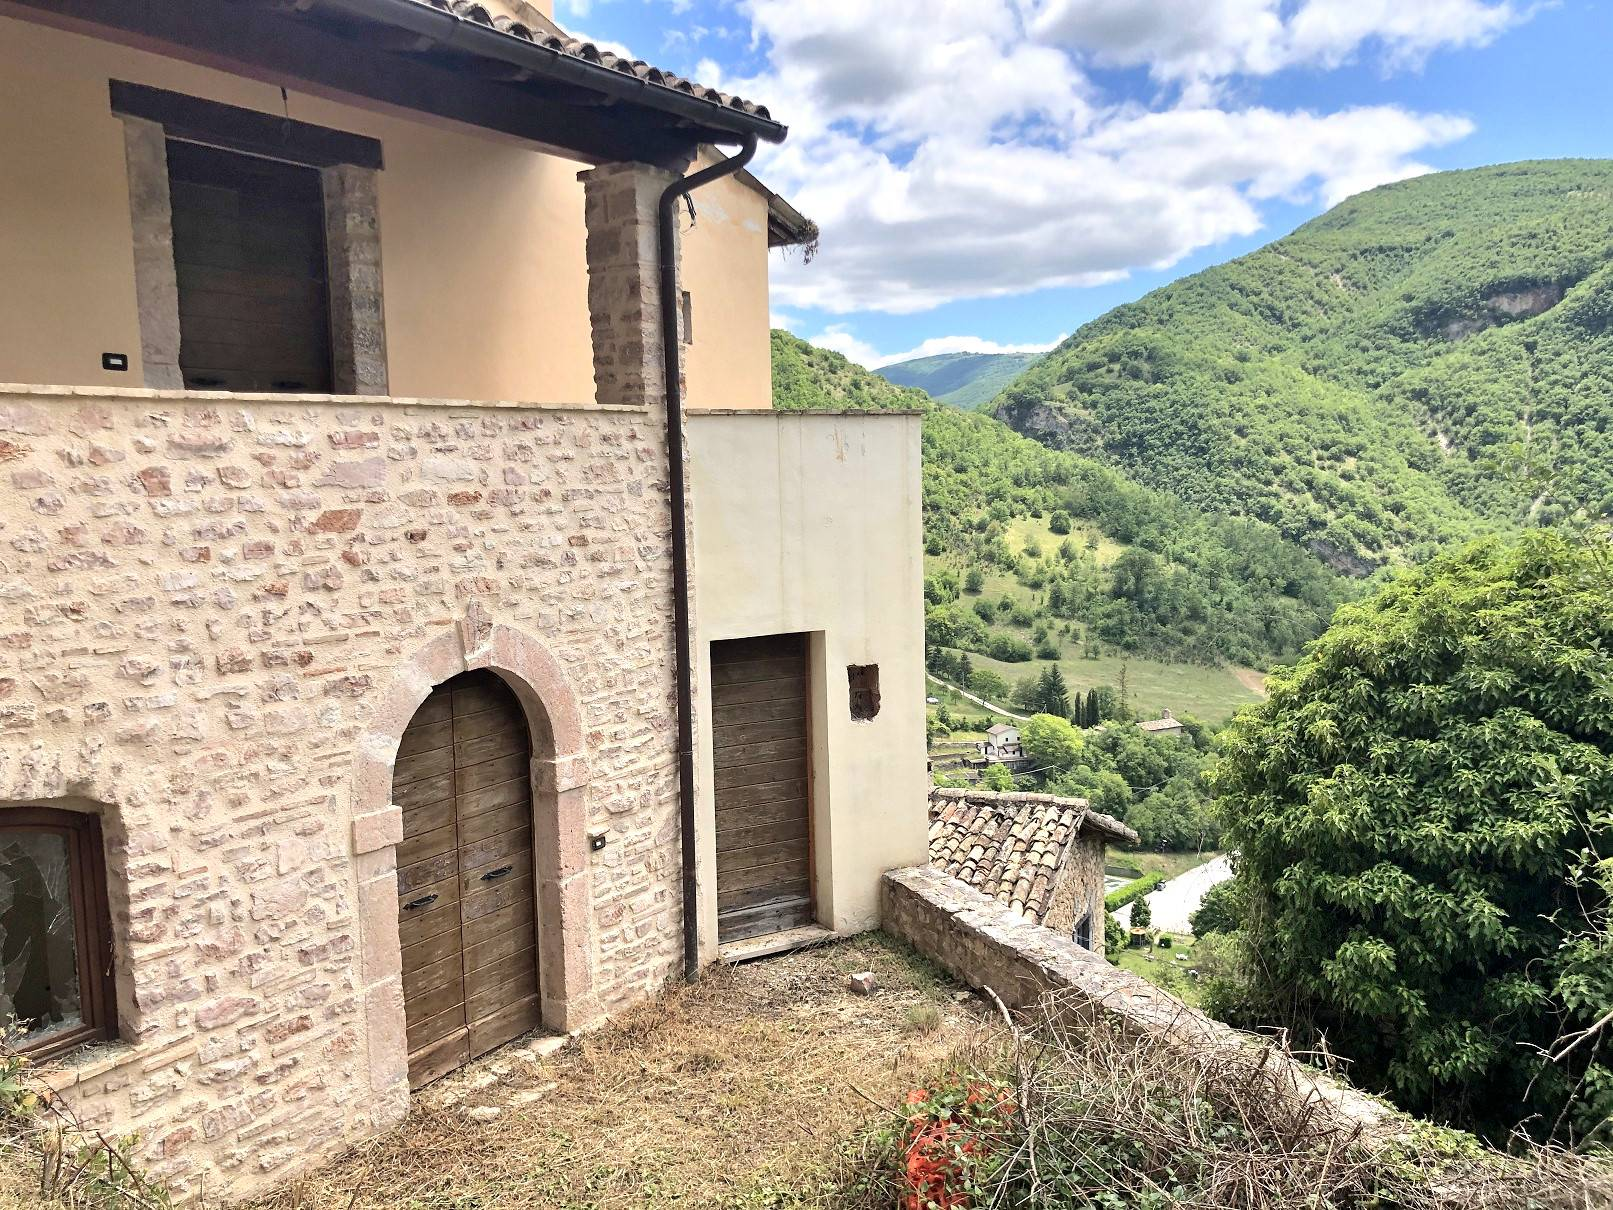 Appartamento in vendita a Norcia, 4 locali, zona Località: Biselli, prezzo € 35.000 | CambioCasa.it